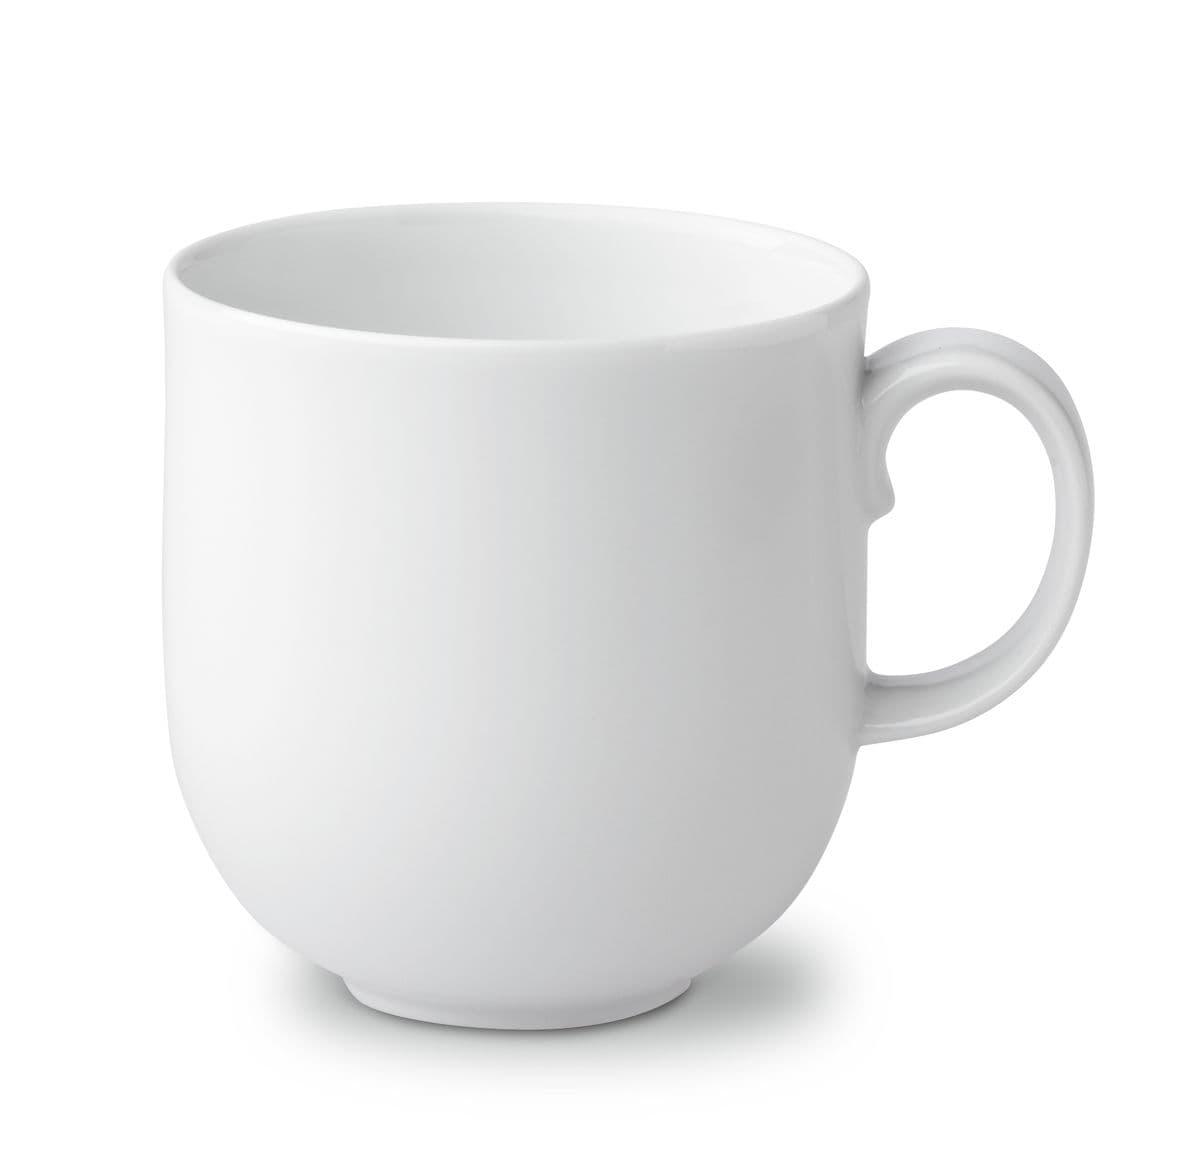 Cucina & Tavola COOL Tasse Tasse